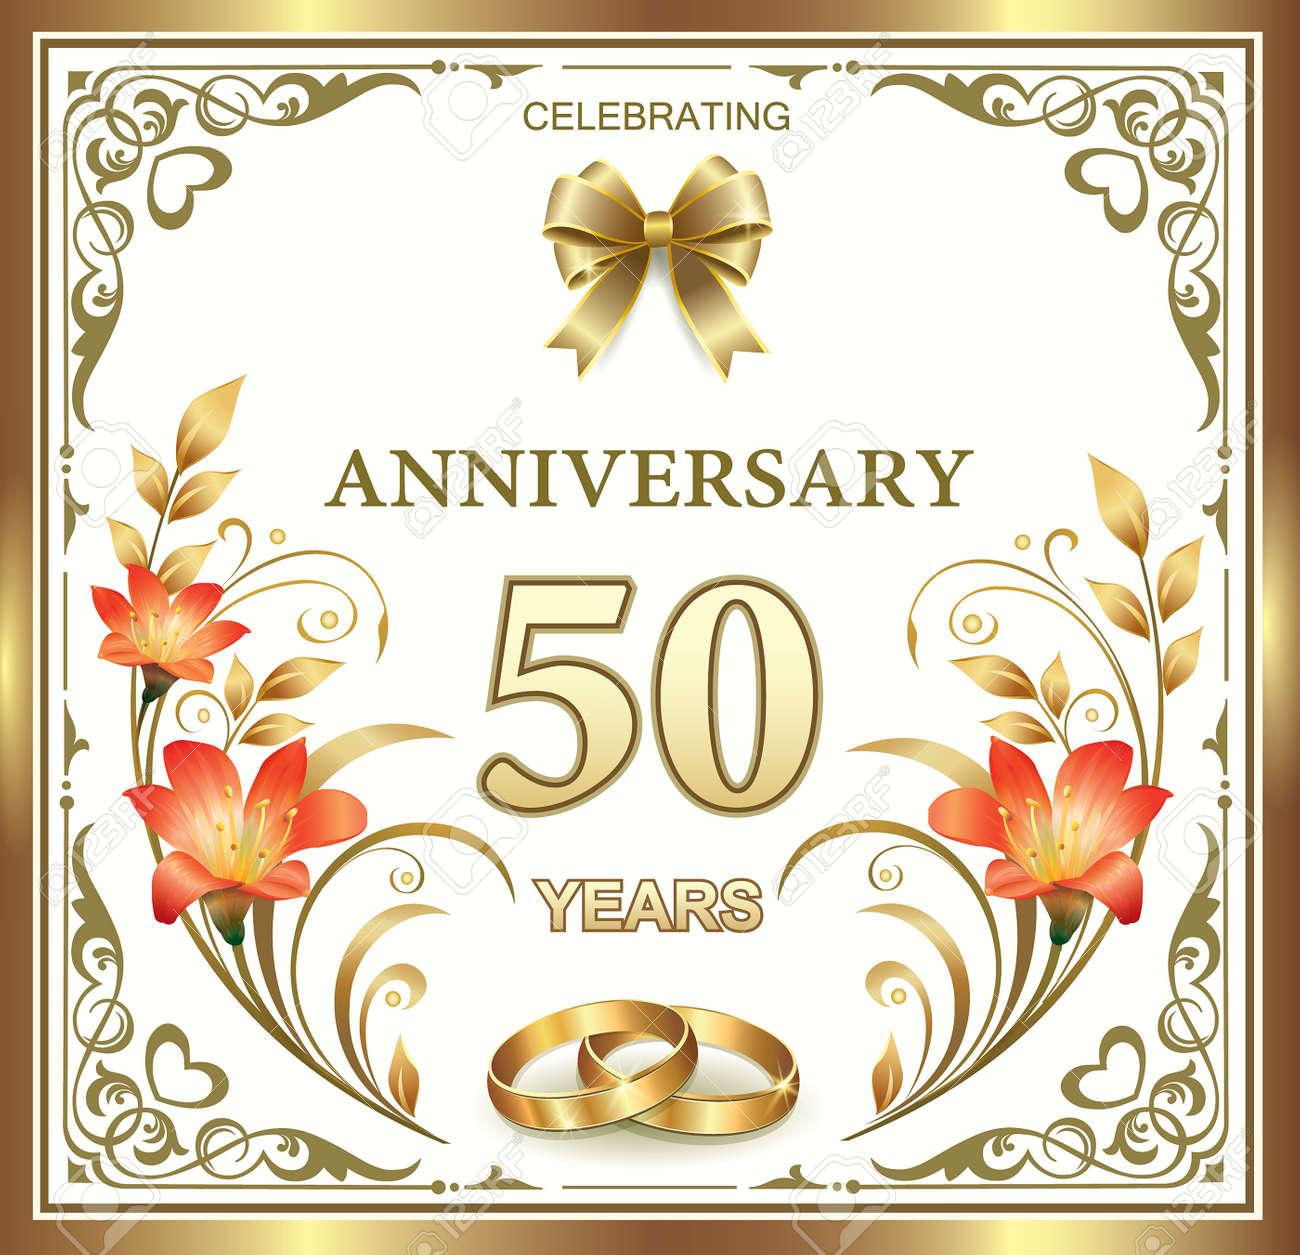 55 Anniversario Di Matrimonio.Vettoriale 50 Anniversario Di Matrimonio Image 42150655